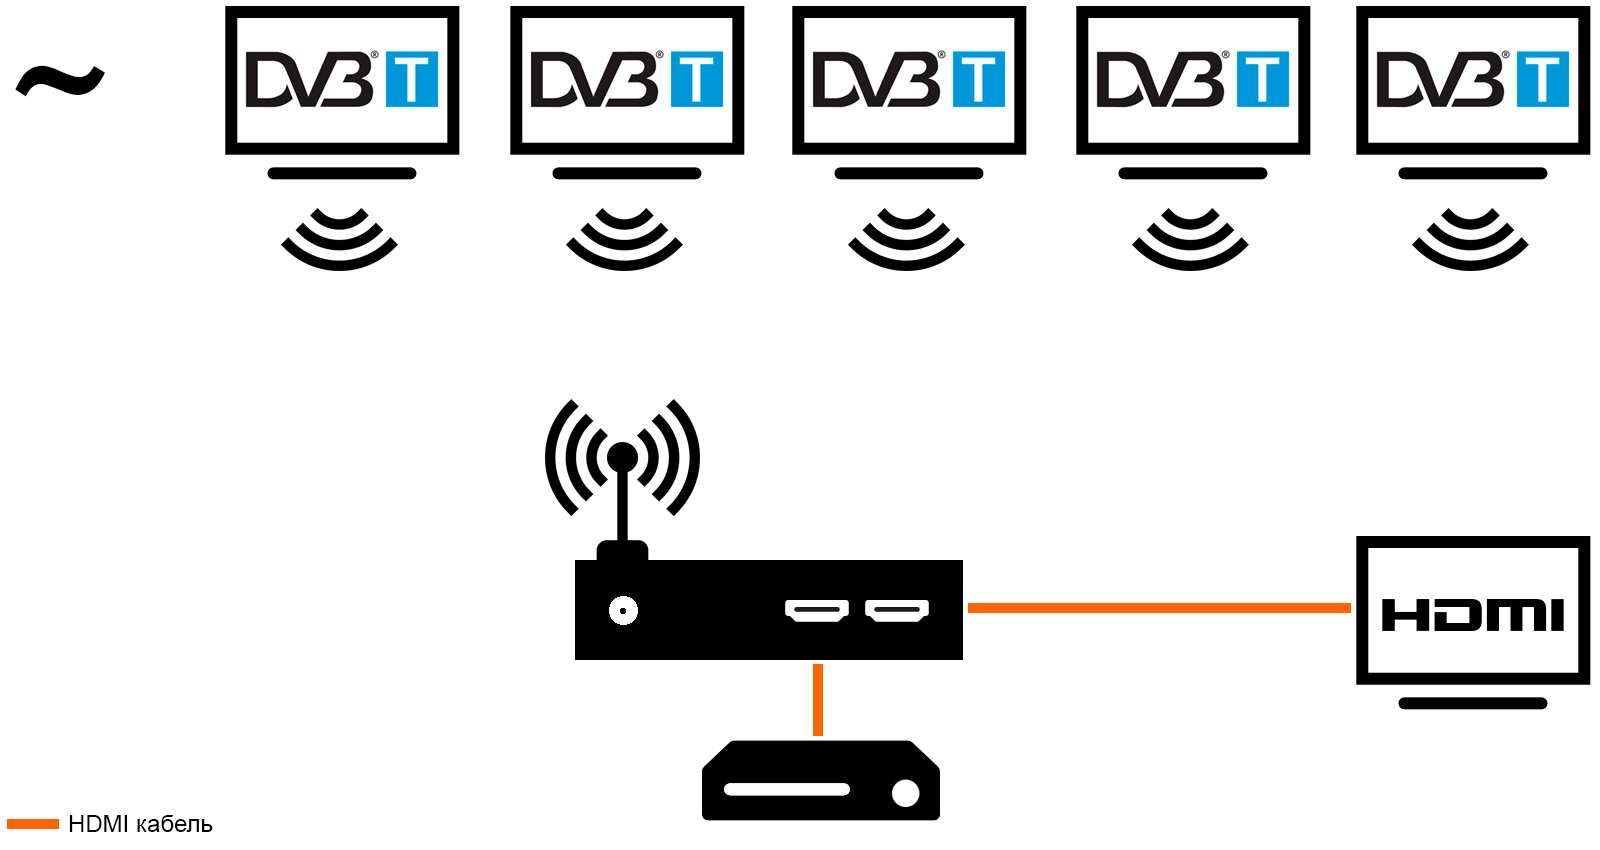 Передать HDMI по DVB-T